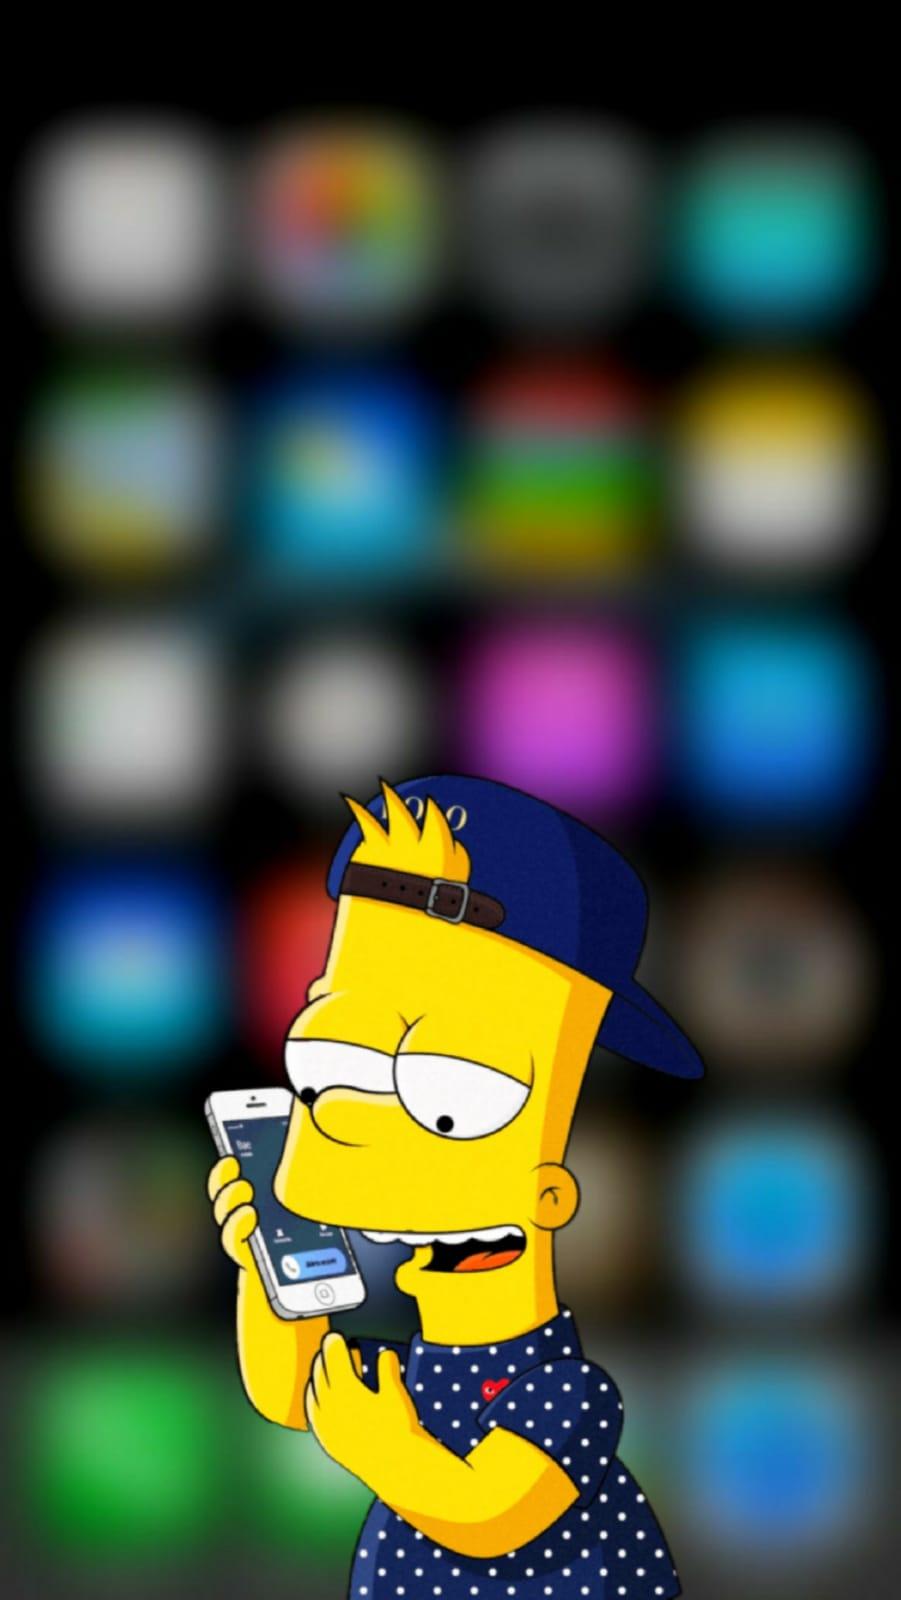 #simpson #wallpapersimpson #bart